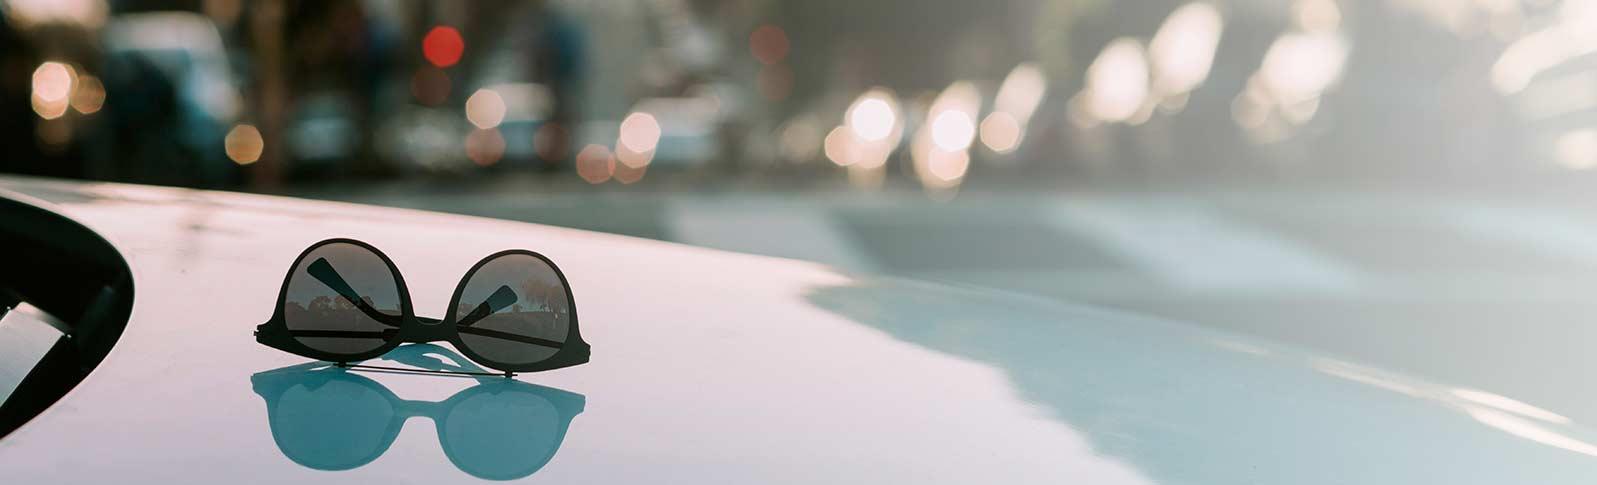 solbriller på en dashbord i en bil